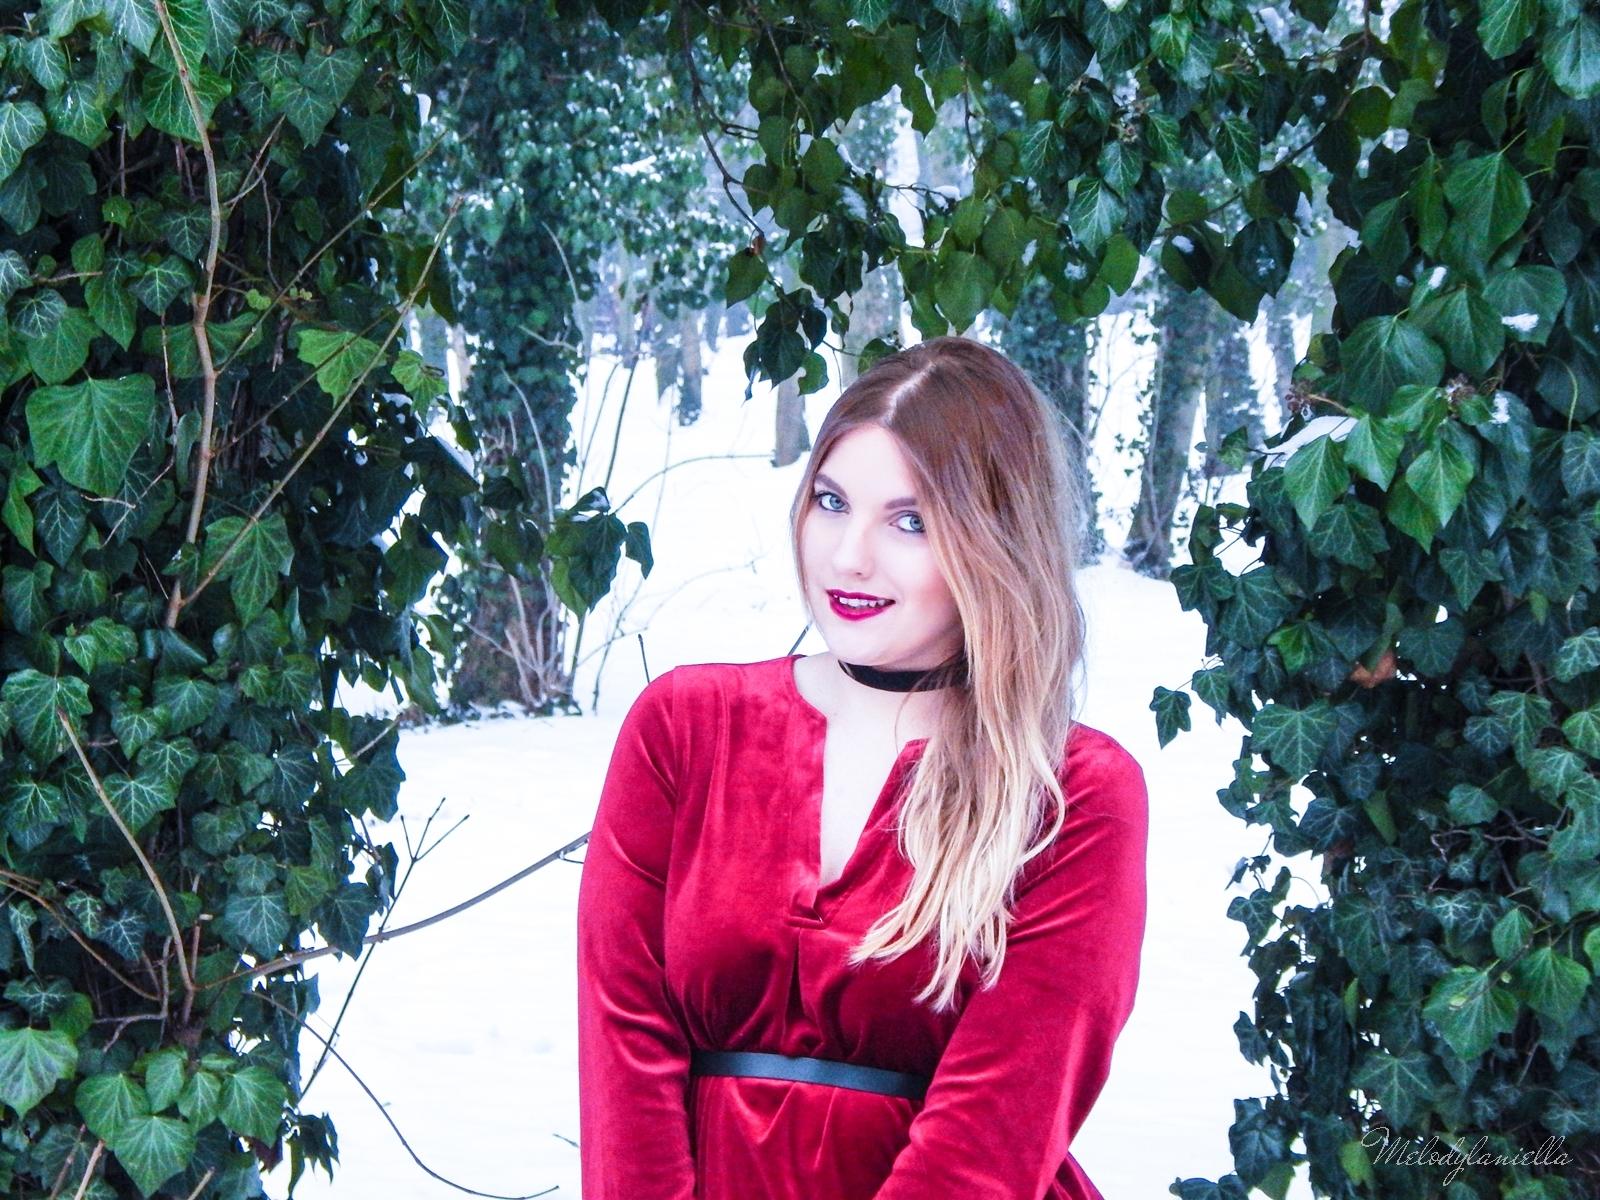 003 torebka manzana czarna czerwona aksamitna  sukienka zaful choker sammydress girl fashion zimowy lookbook stylizacja melodylaniella rajstopy veera pończochy fashion moda szary płaszcz